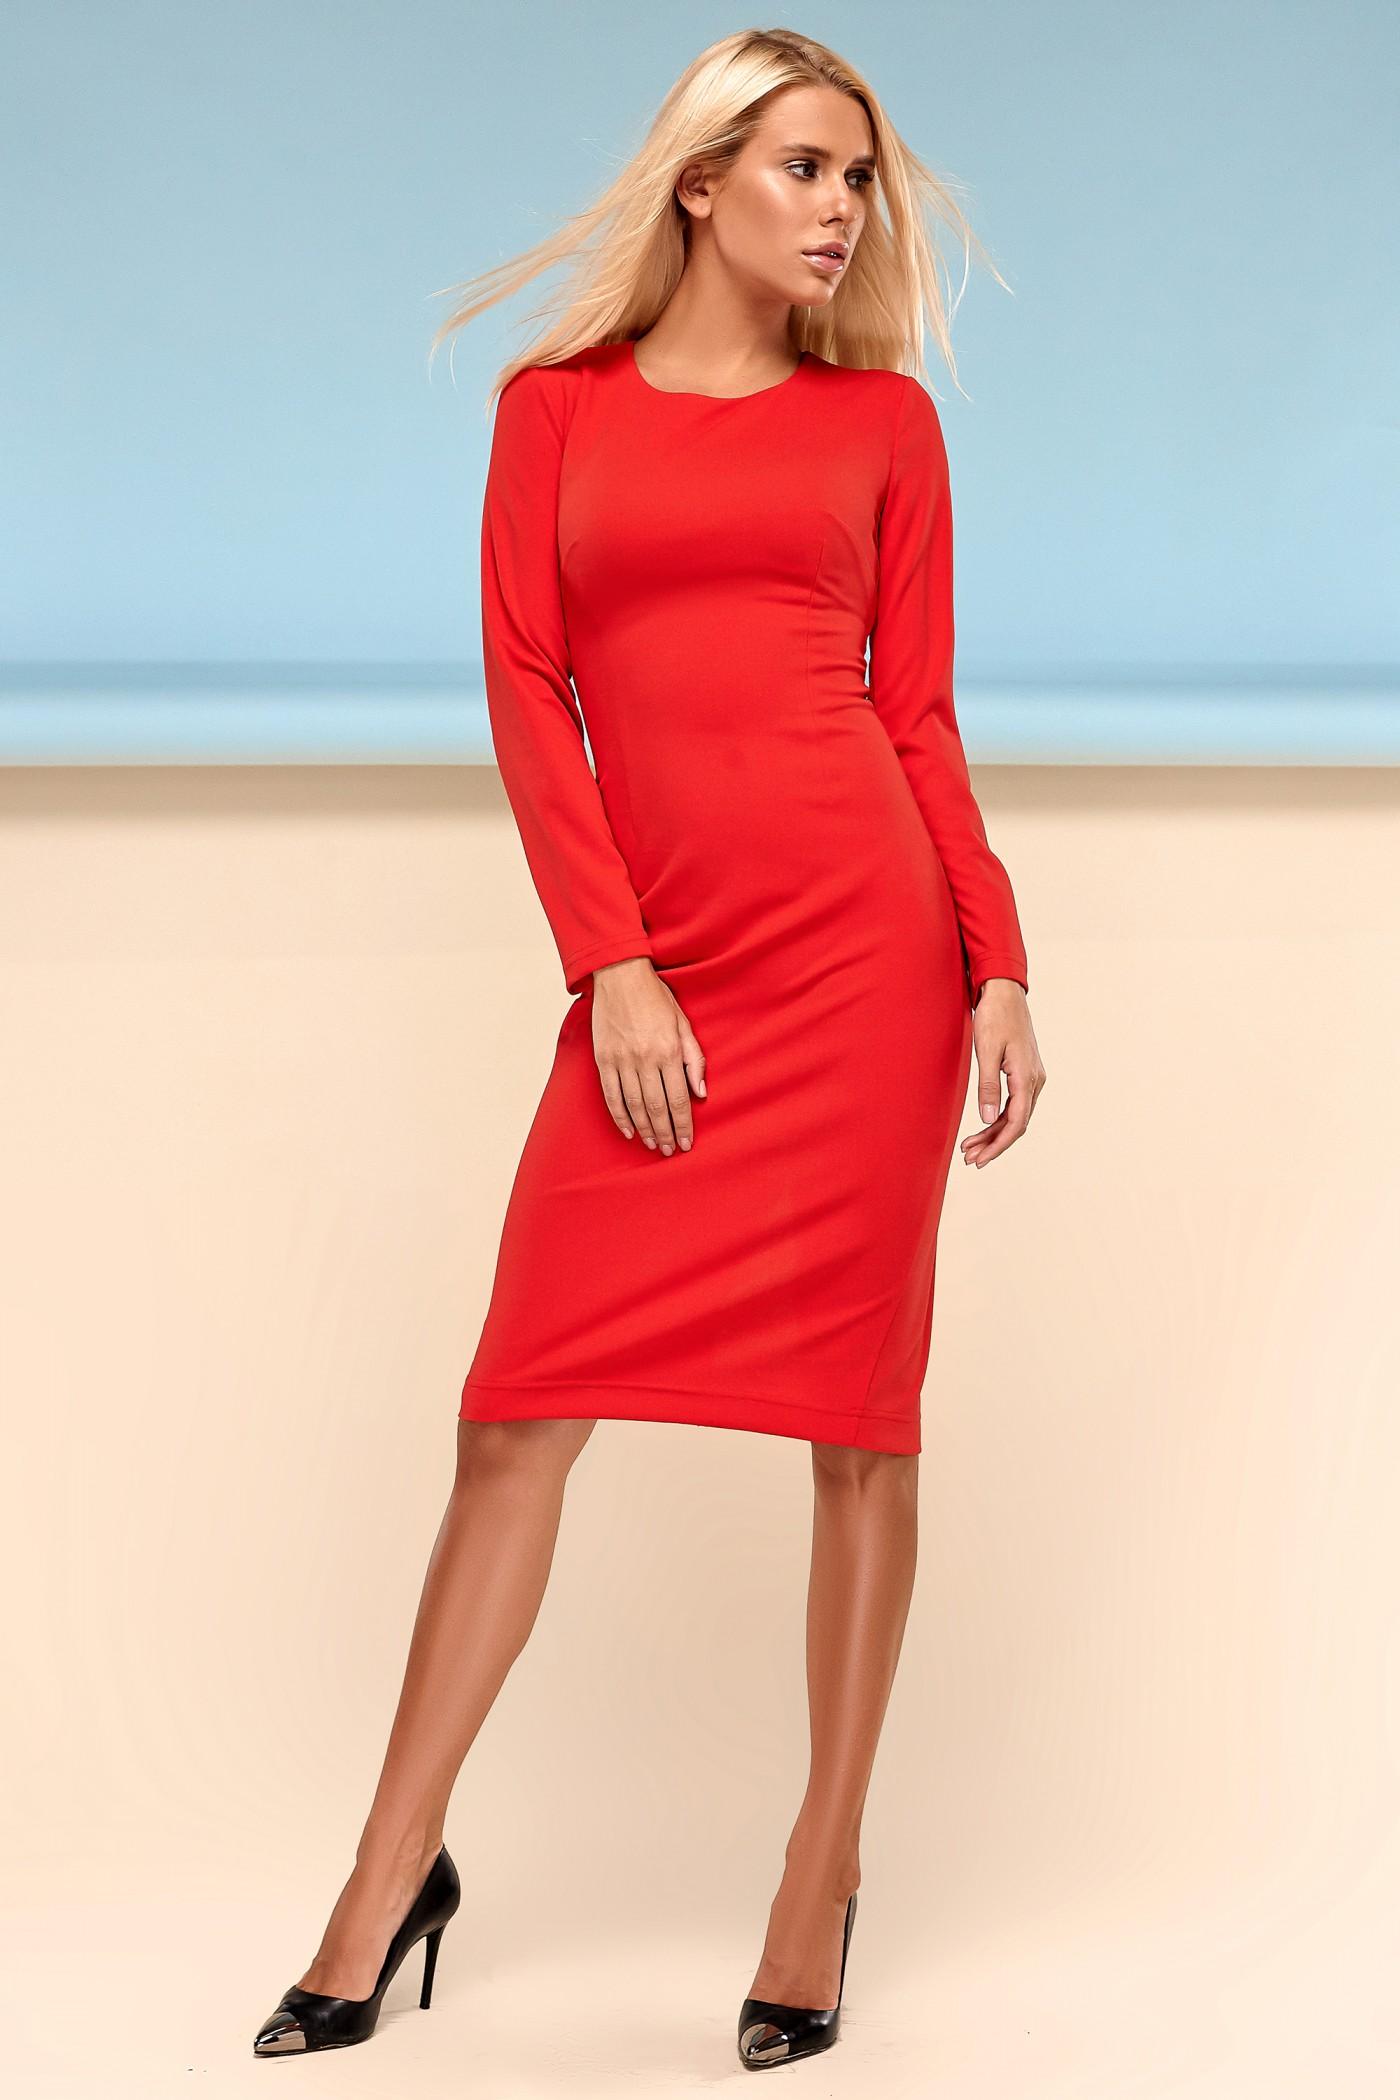 c37550f4e7e Красное платье Заира - купить недорого — Donna Bella - J-Заира-1-42